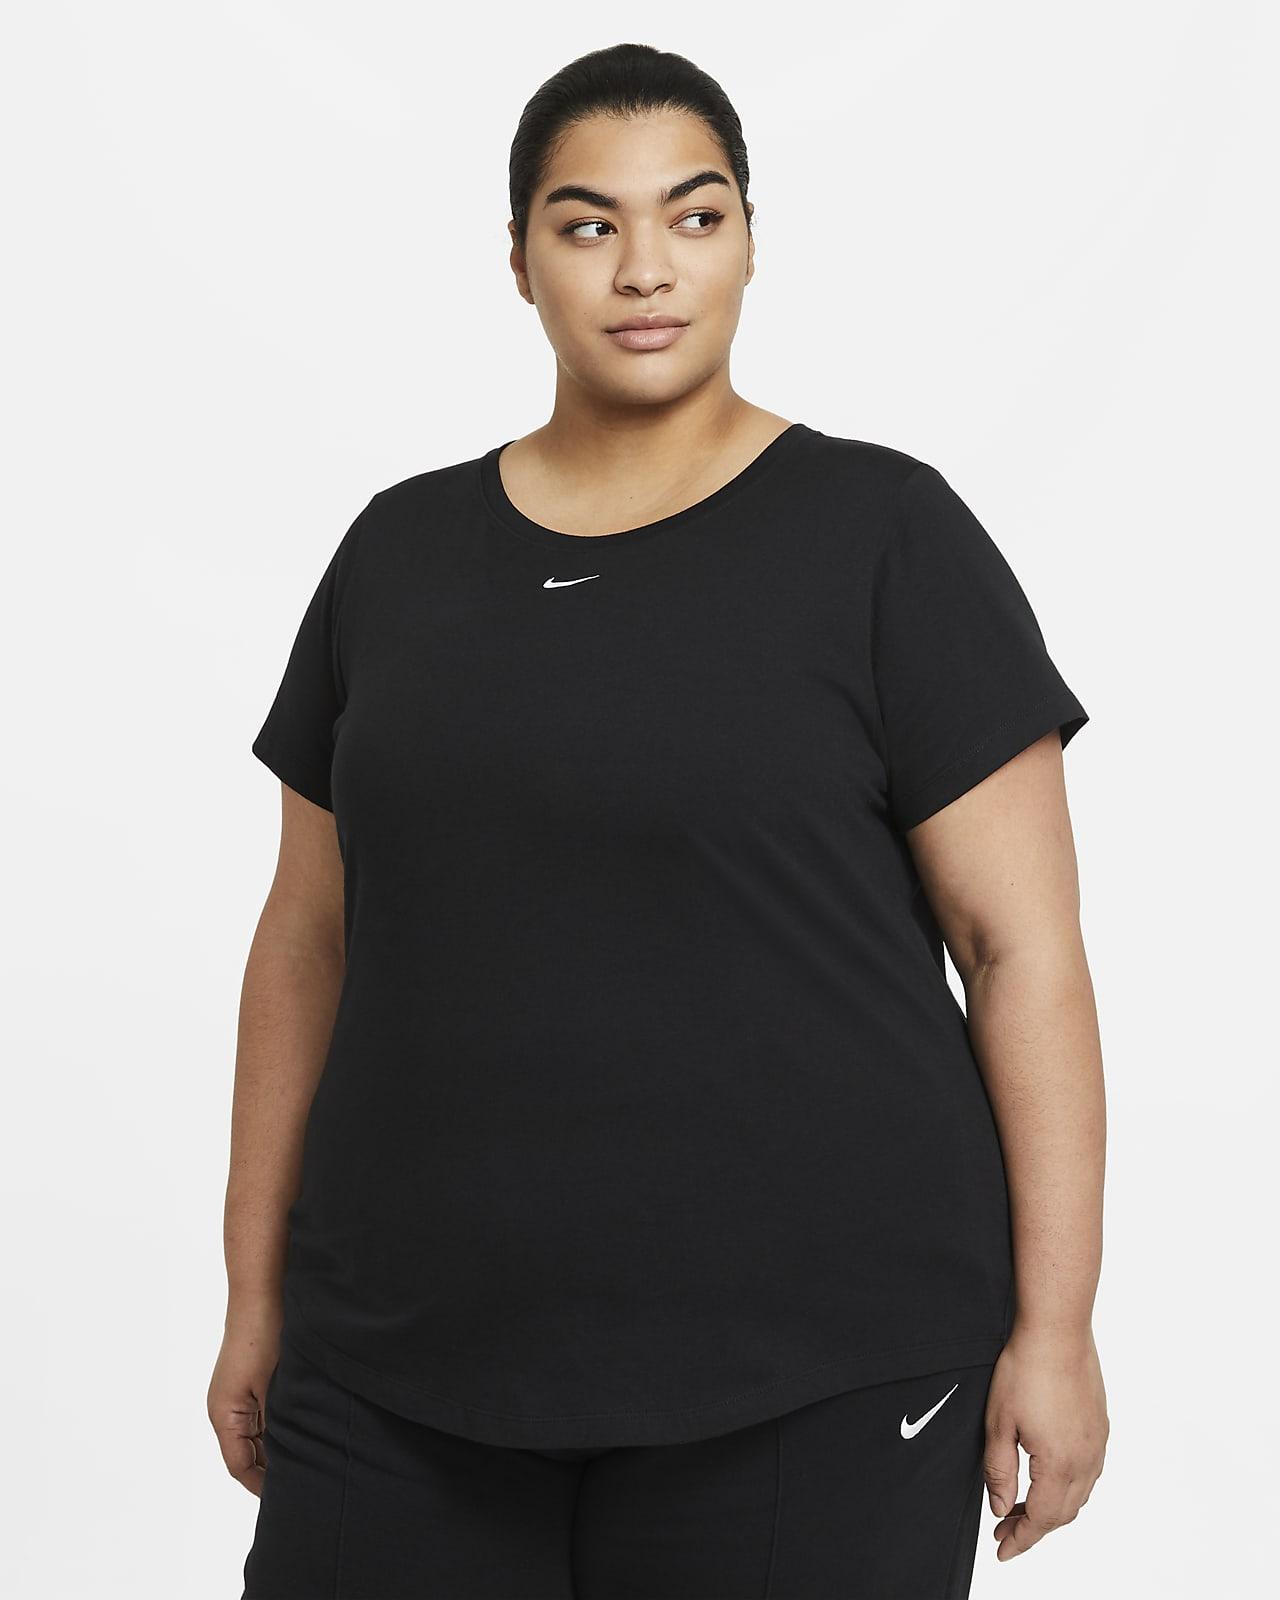 Nike Sportswear Women's T-Shirt (Plus Size)